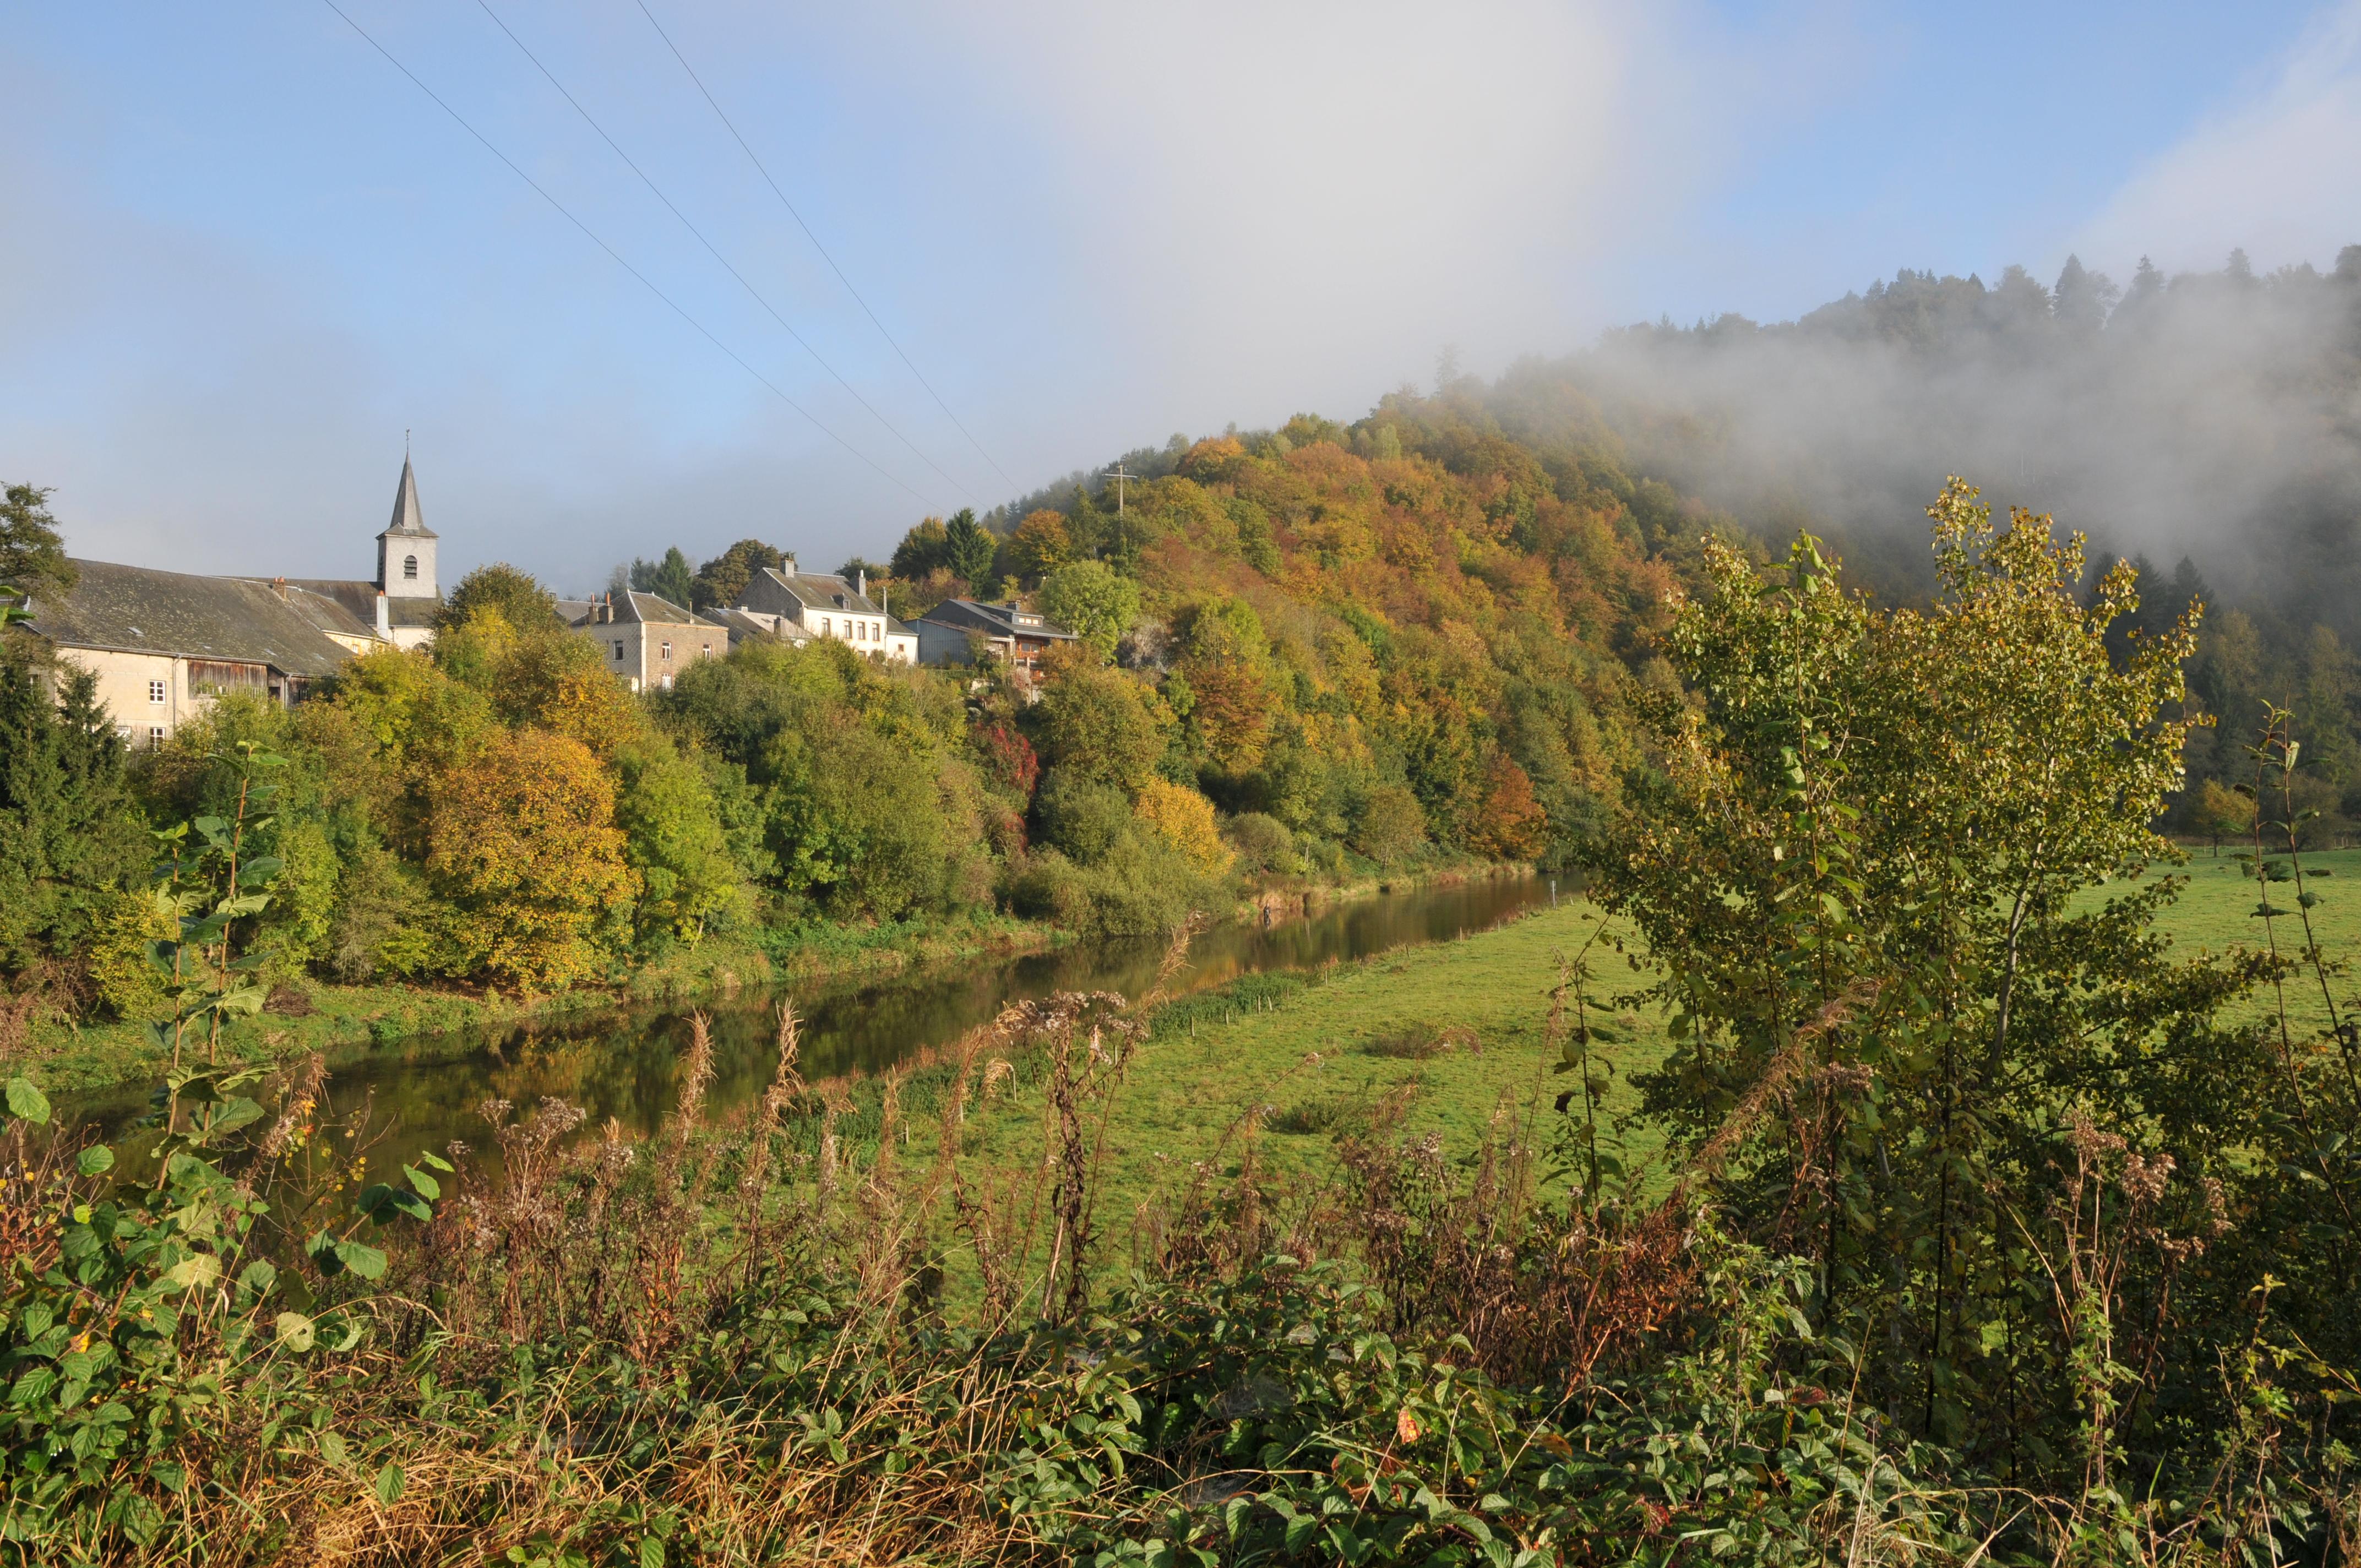 Village en automne en brume